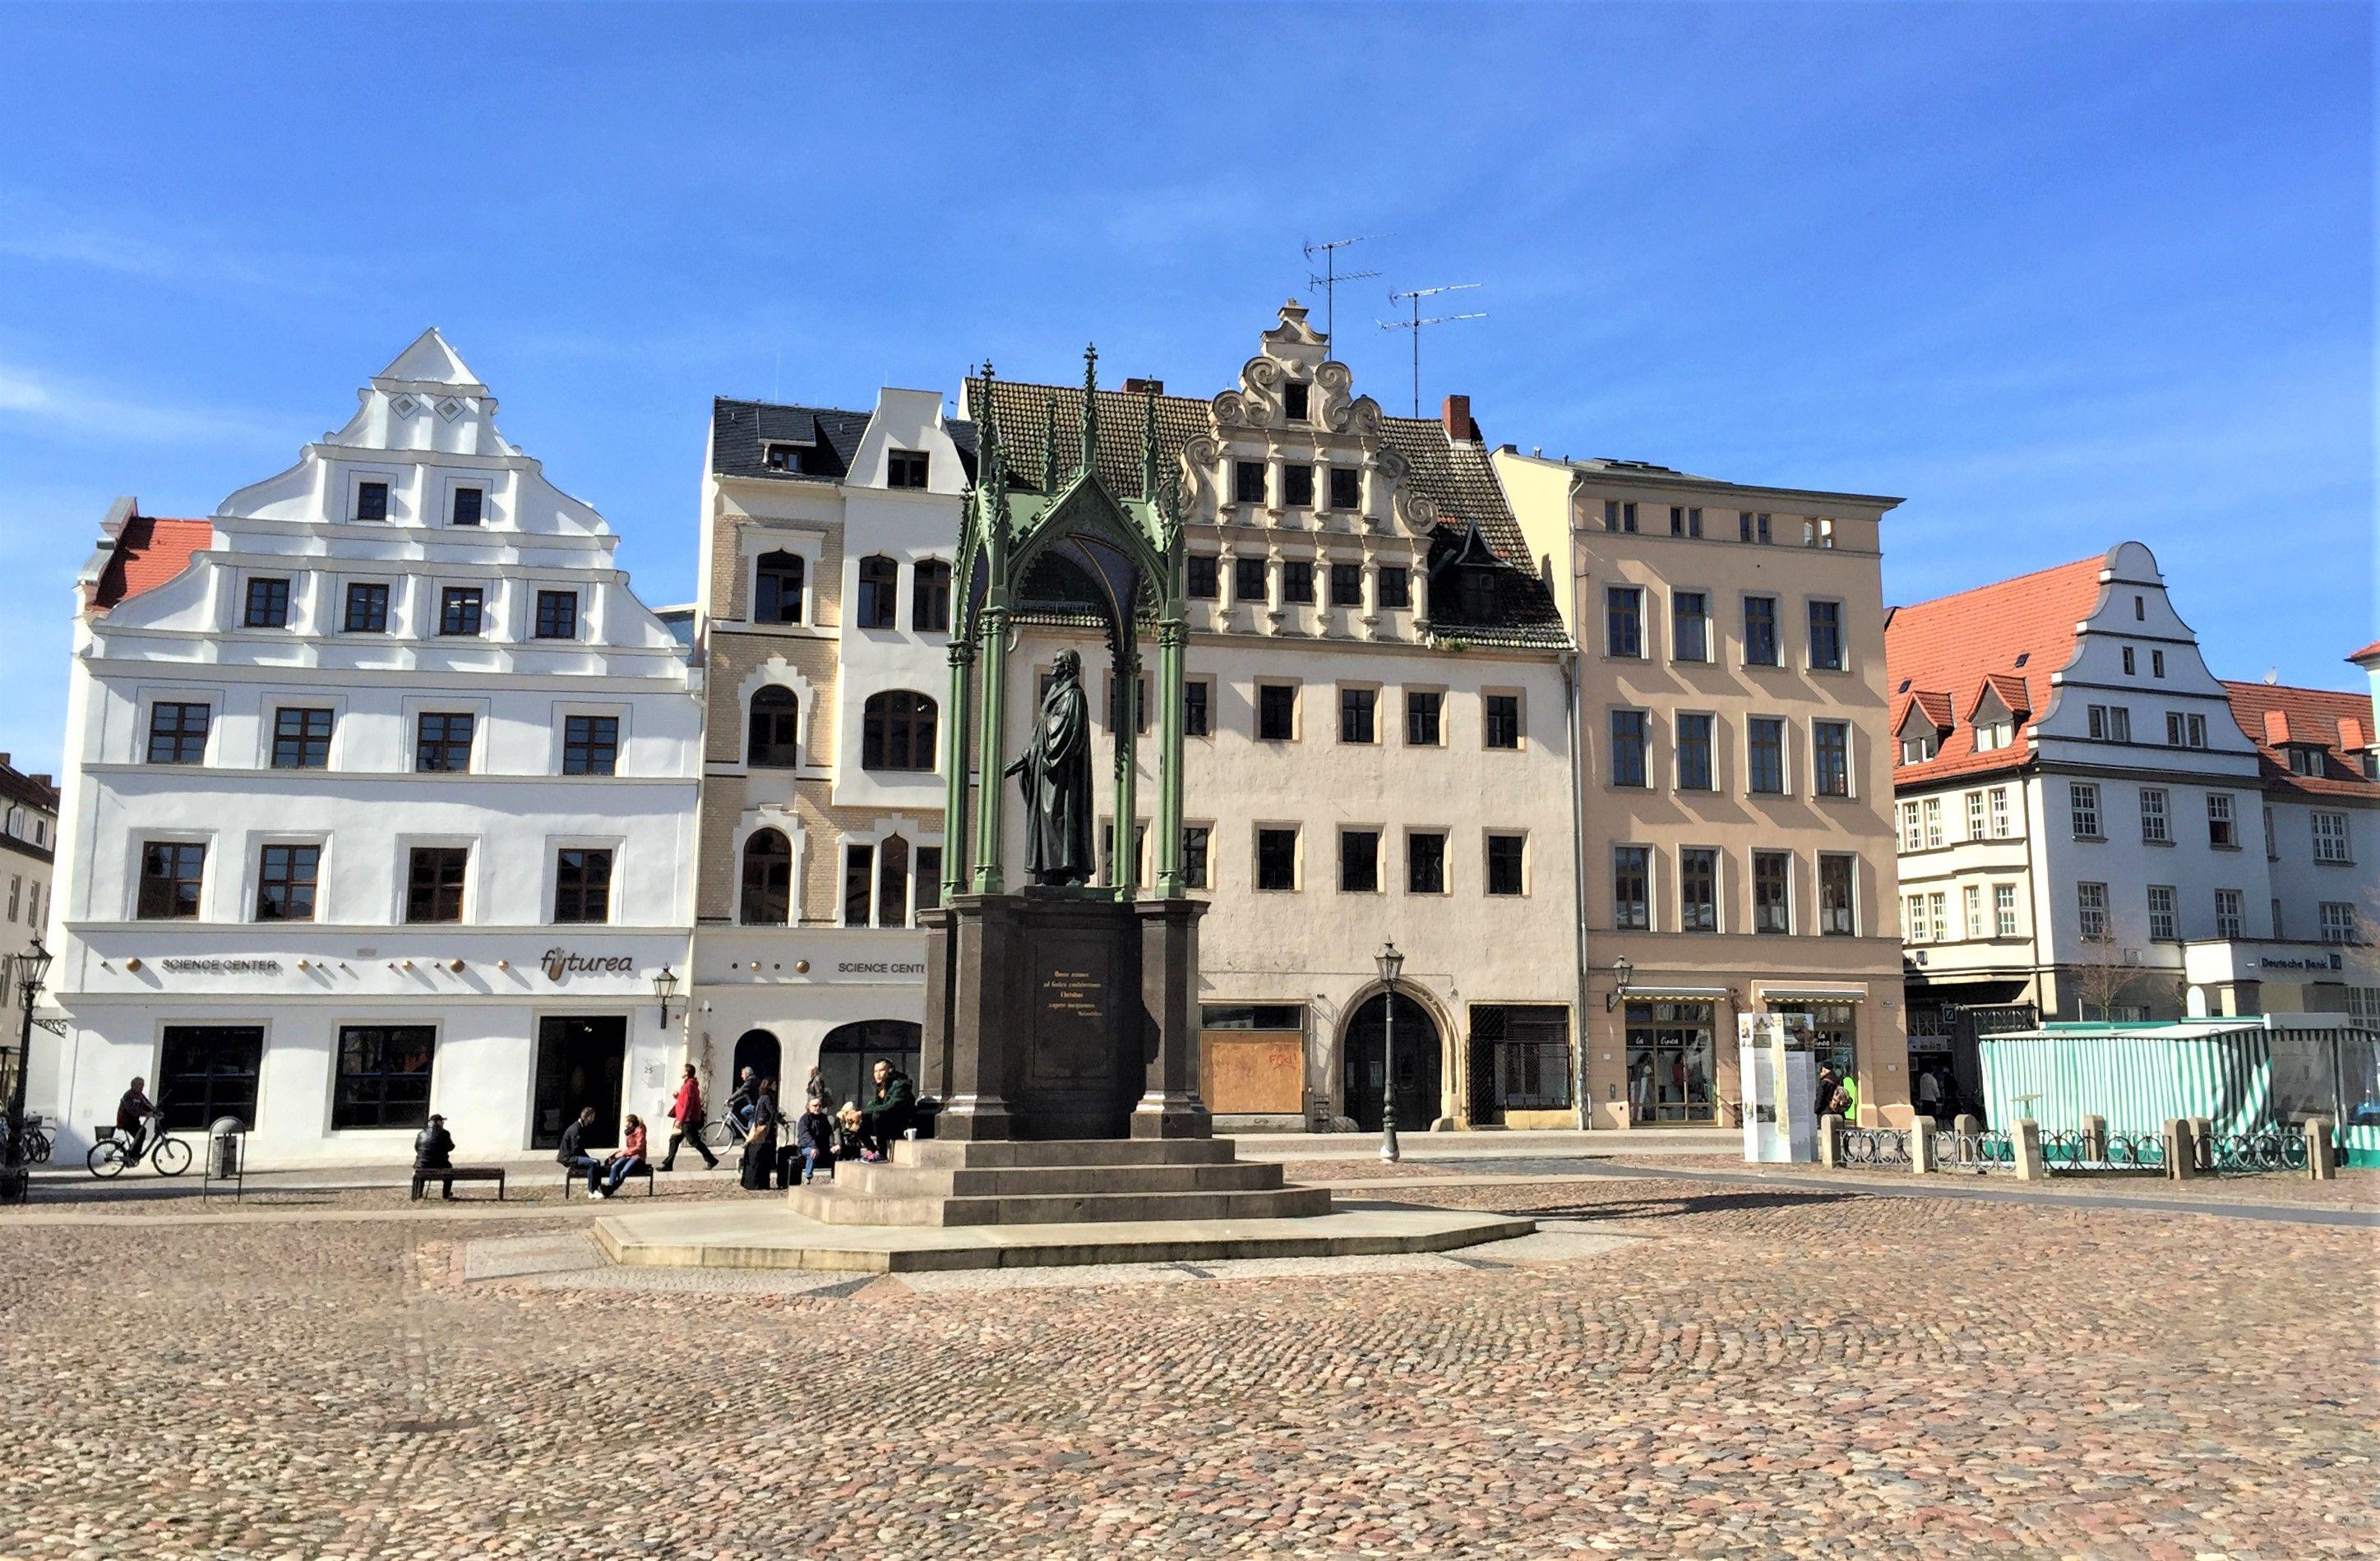 500 Jahre Reformation Zu Besuch In Der Lutherstadt Wittenberg Die Bunte Christine Besuchen Stadt Ausflug